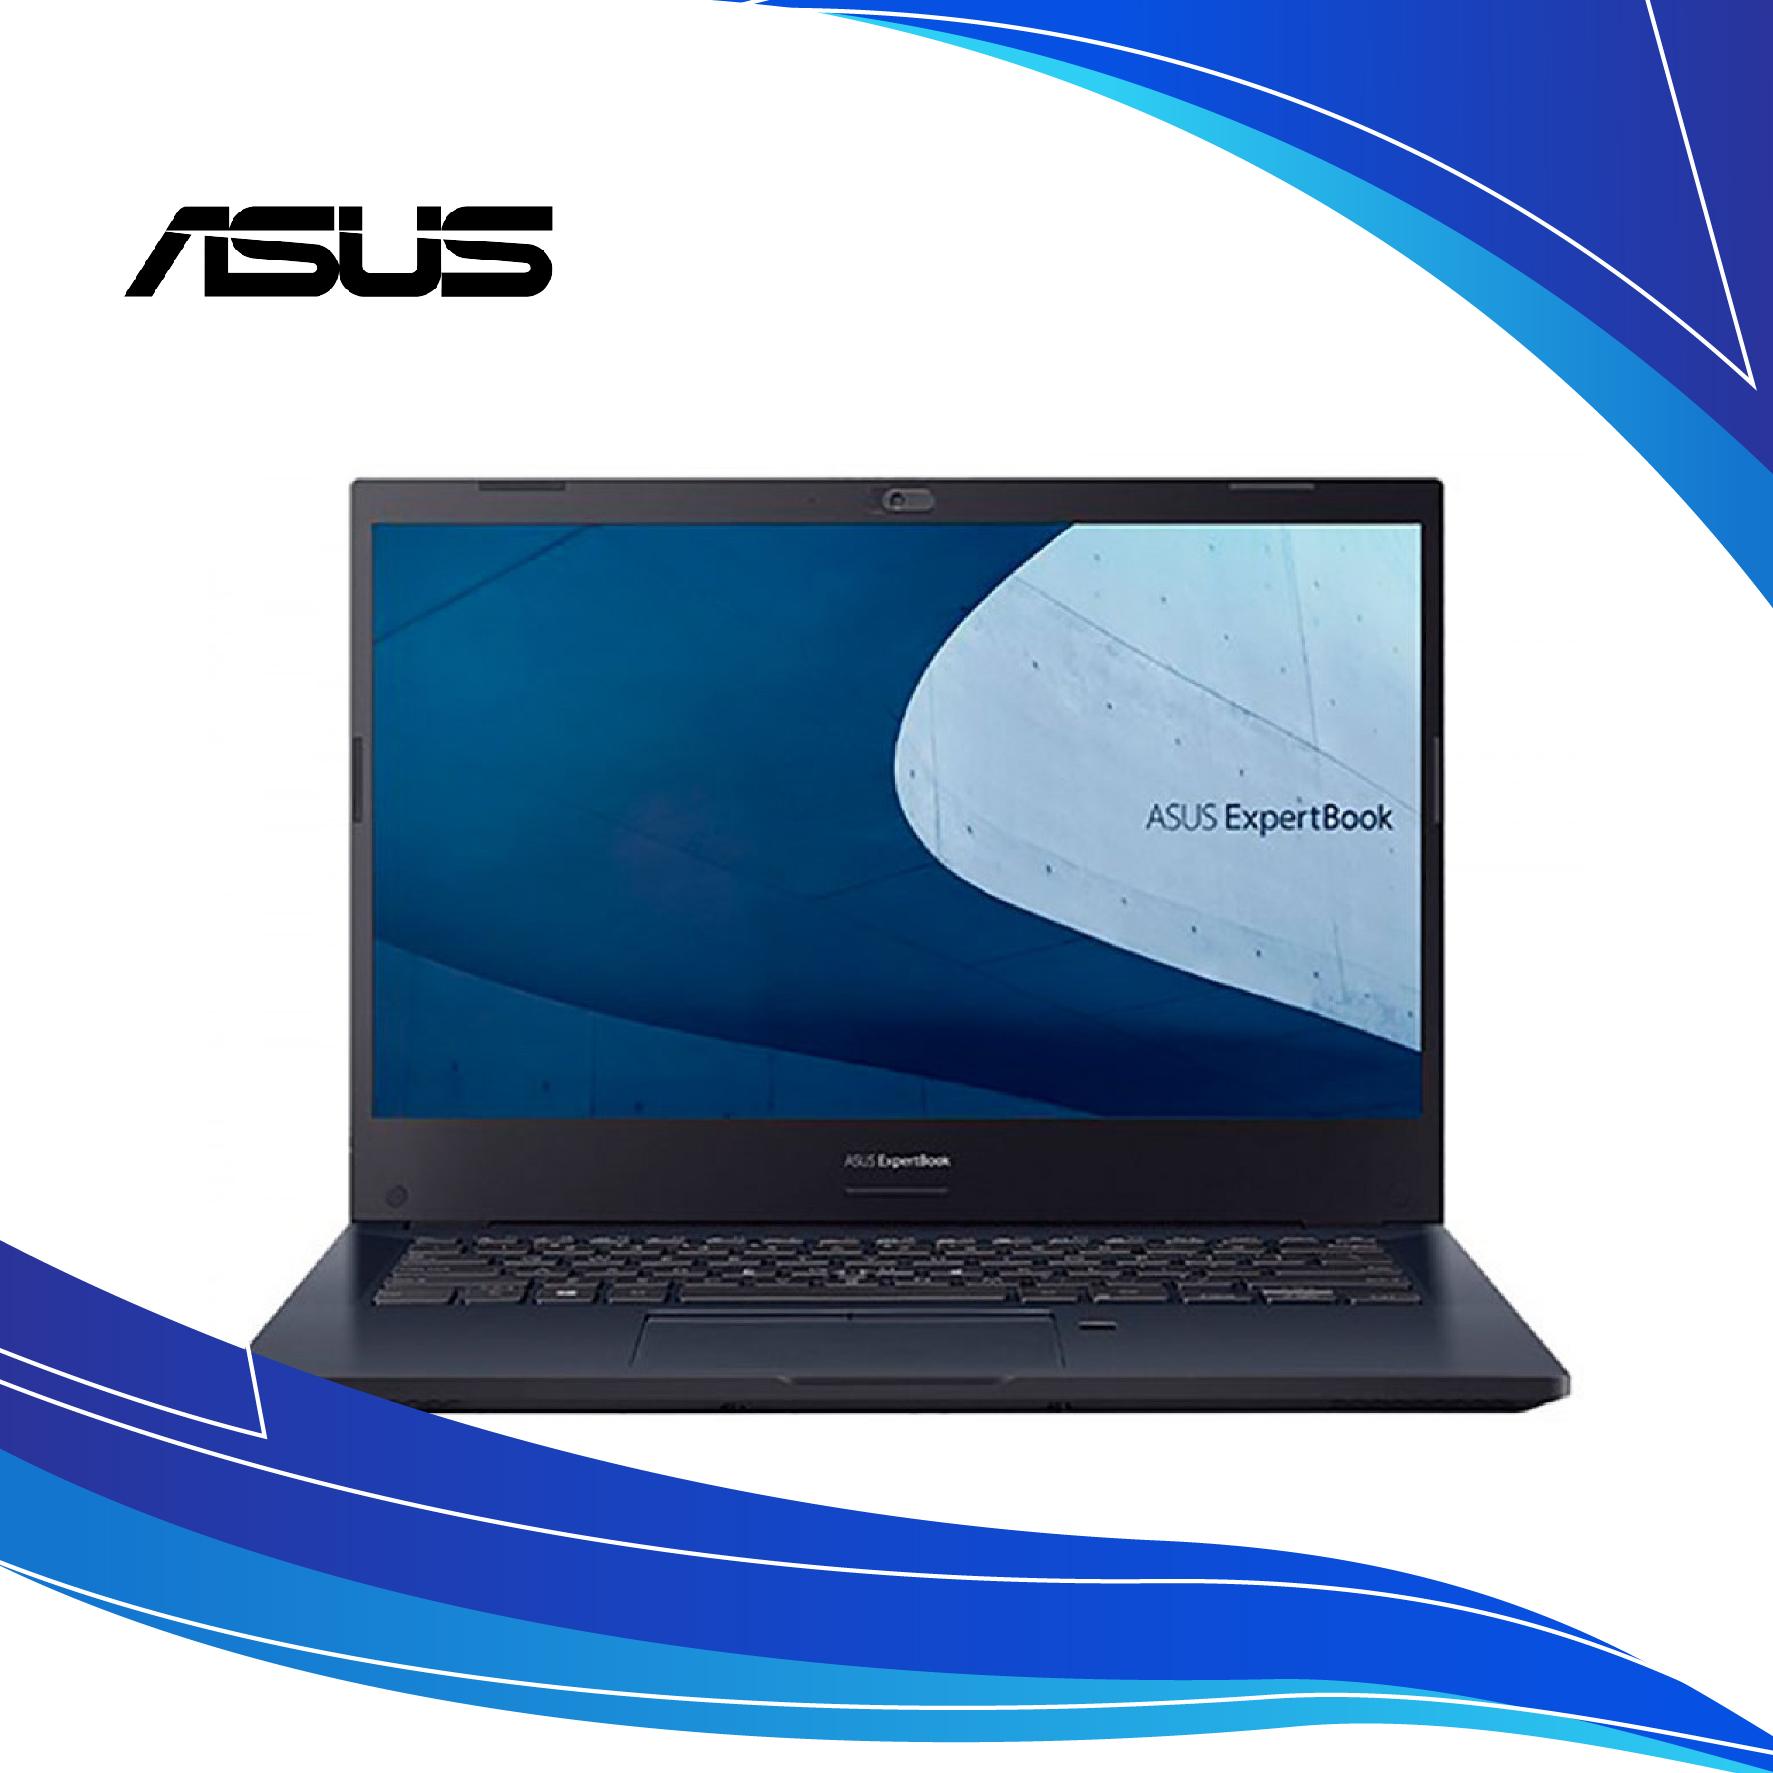 Portátil Asus ExpertBook B2451FA-BV0928R   computadores al costo asus   portatil Asus Core i3